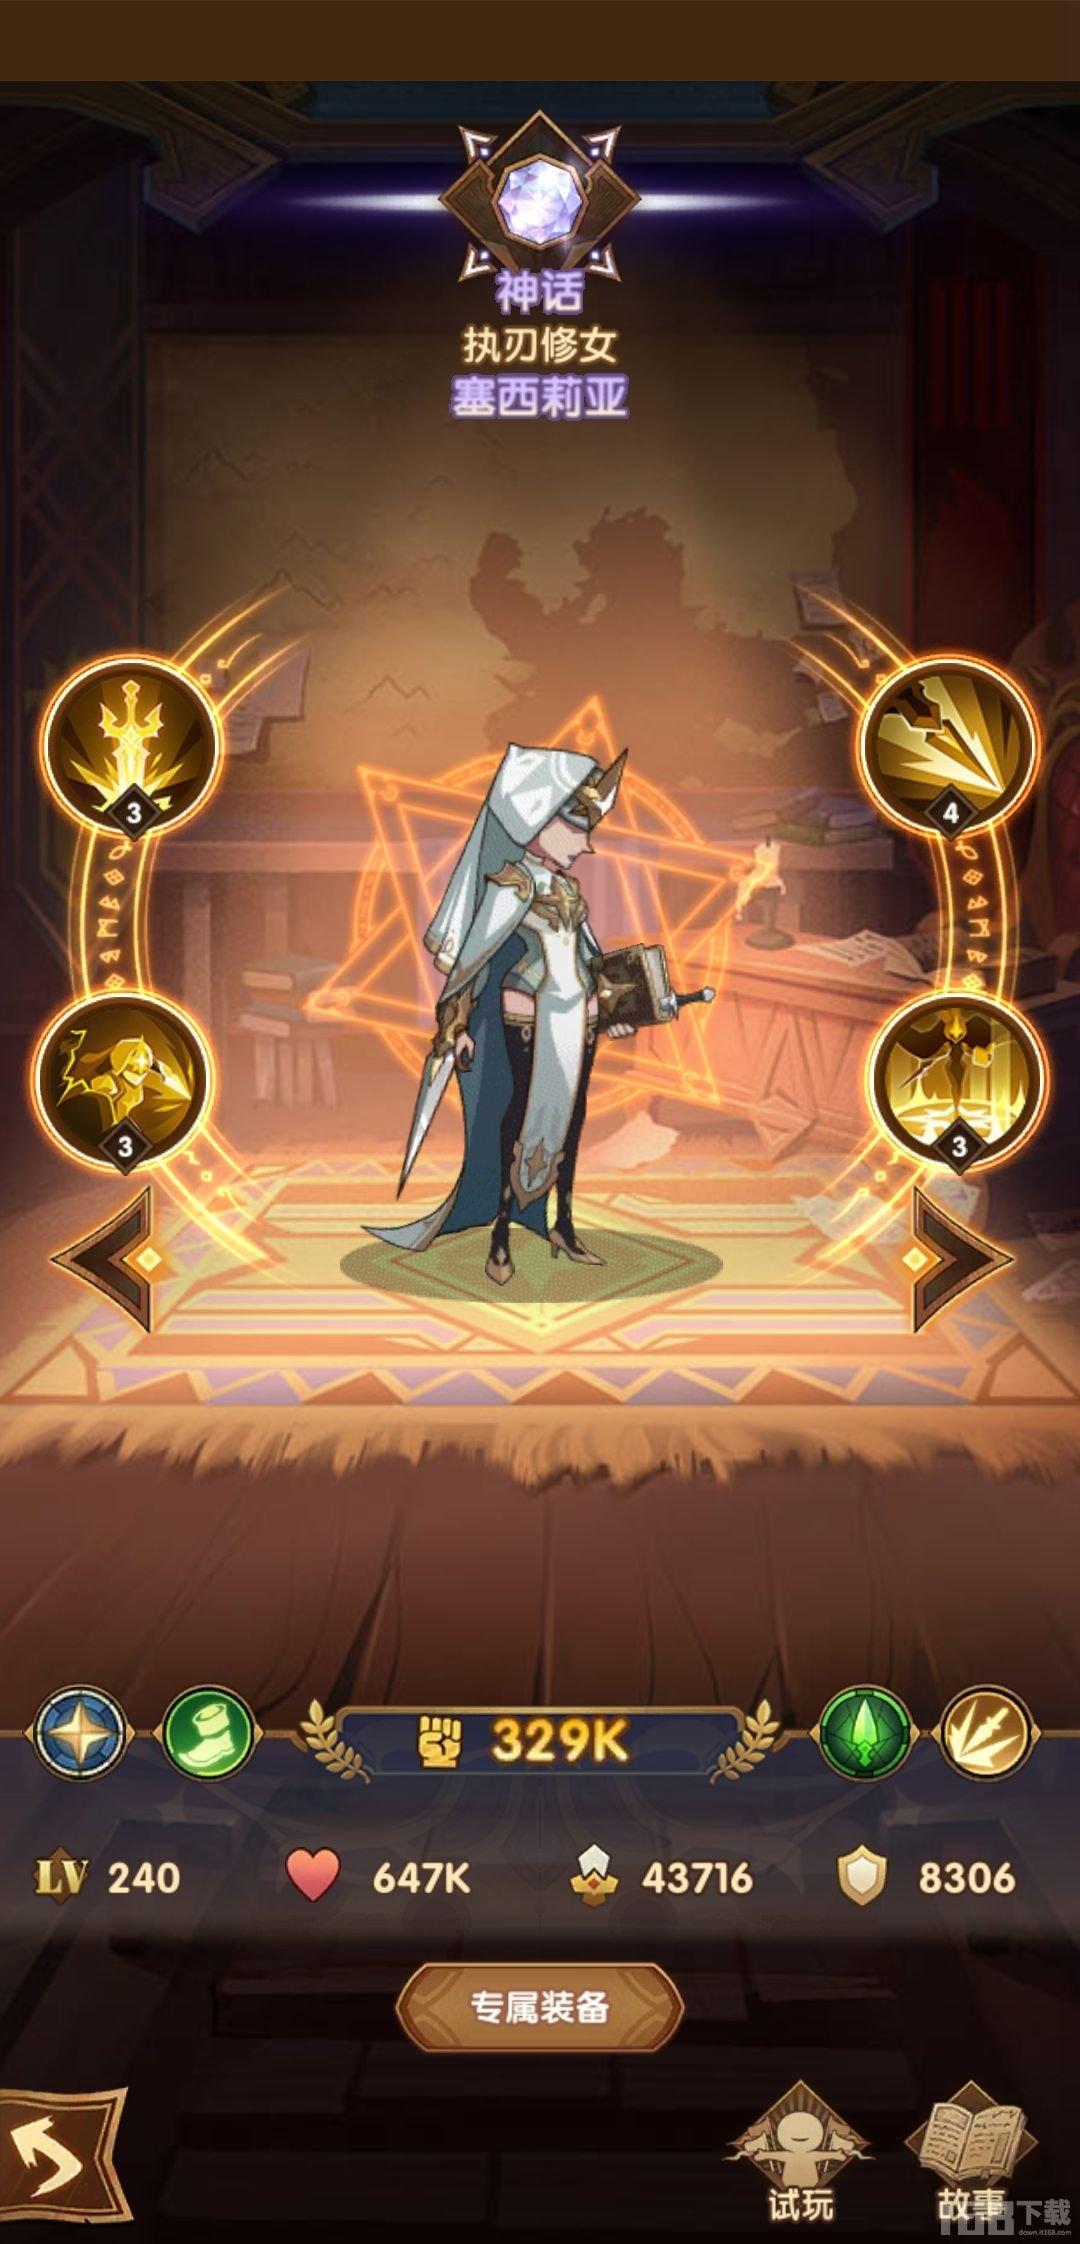 剑与远征持刃修女攻略 塞西莉亚专武及玩法评测